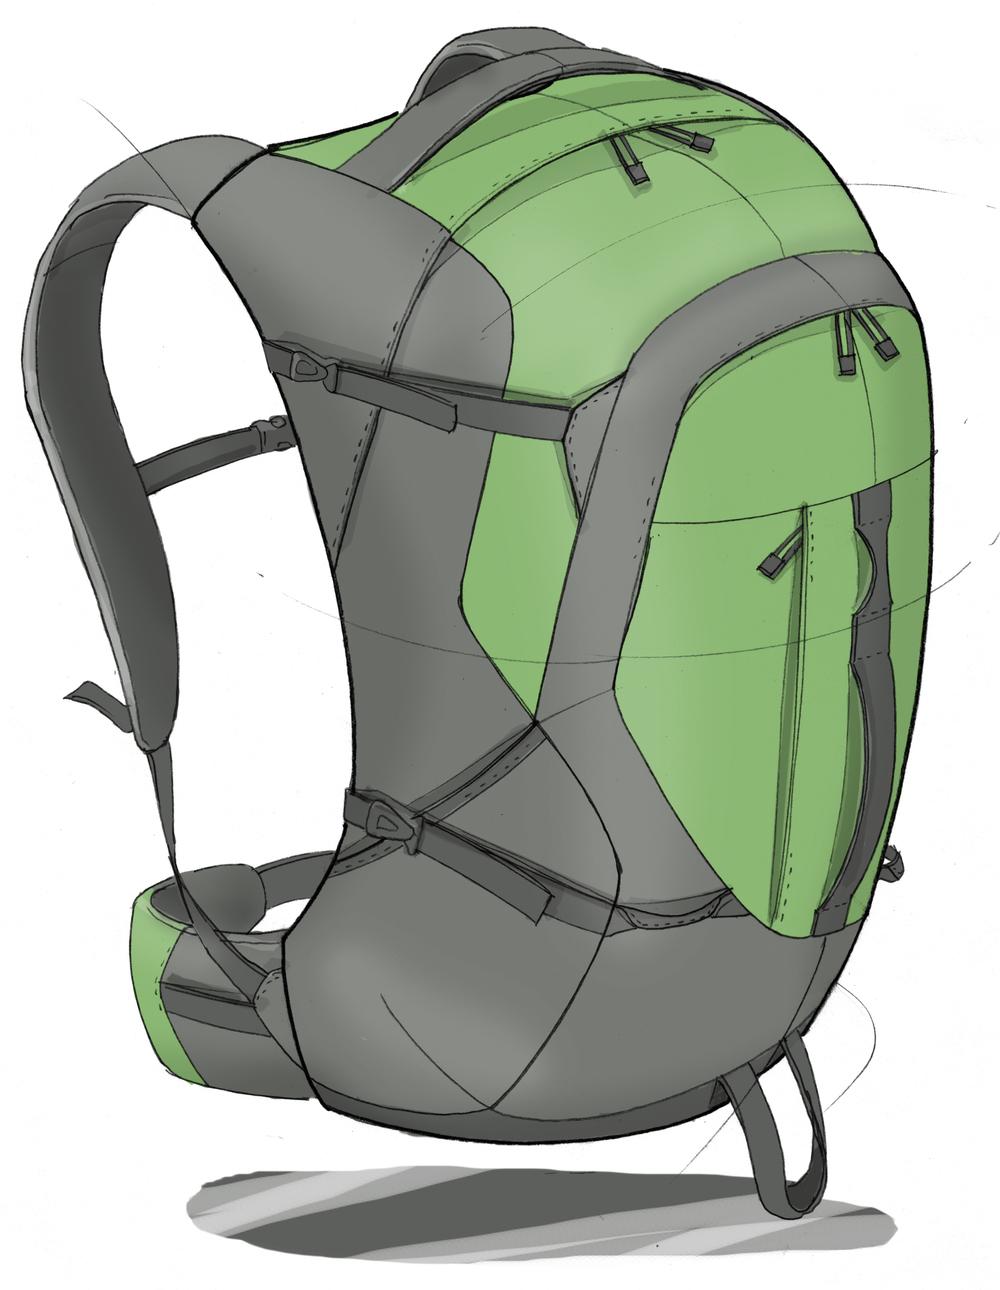 trail-rendering-01.jpg